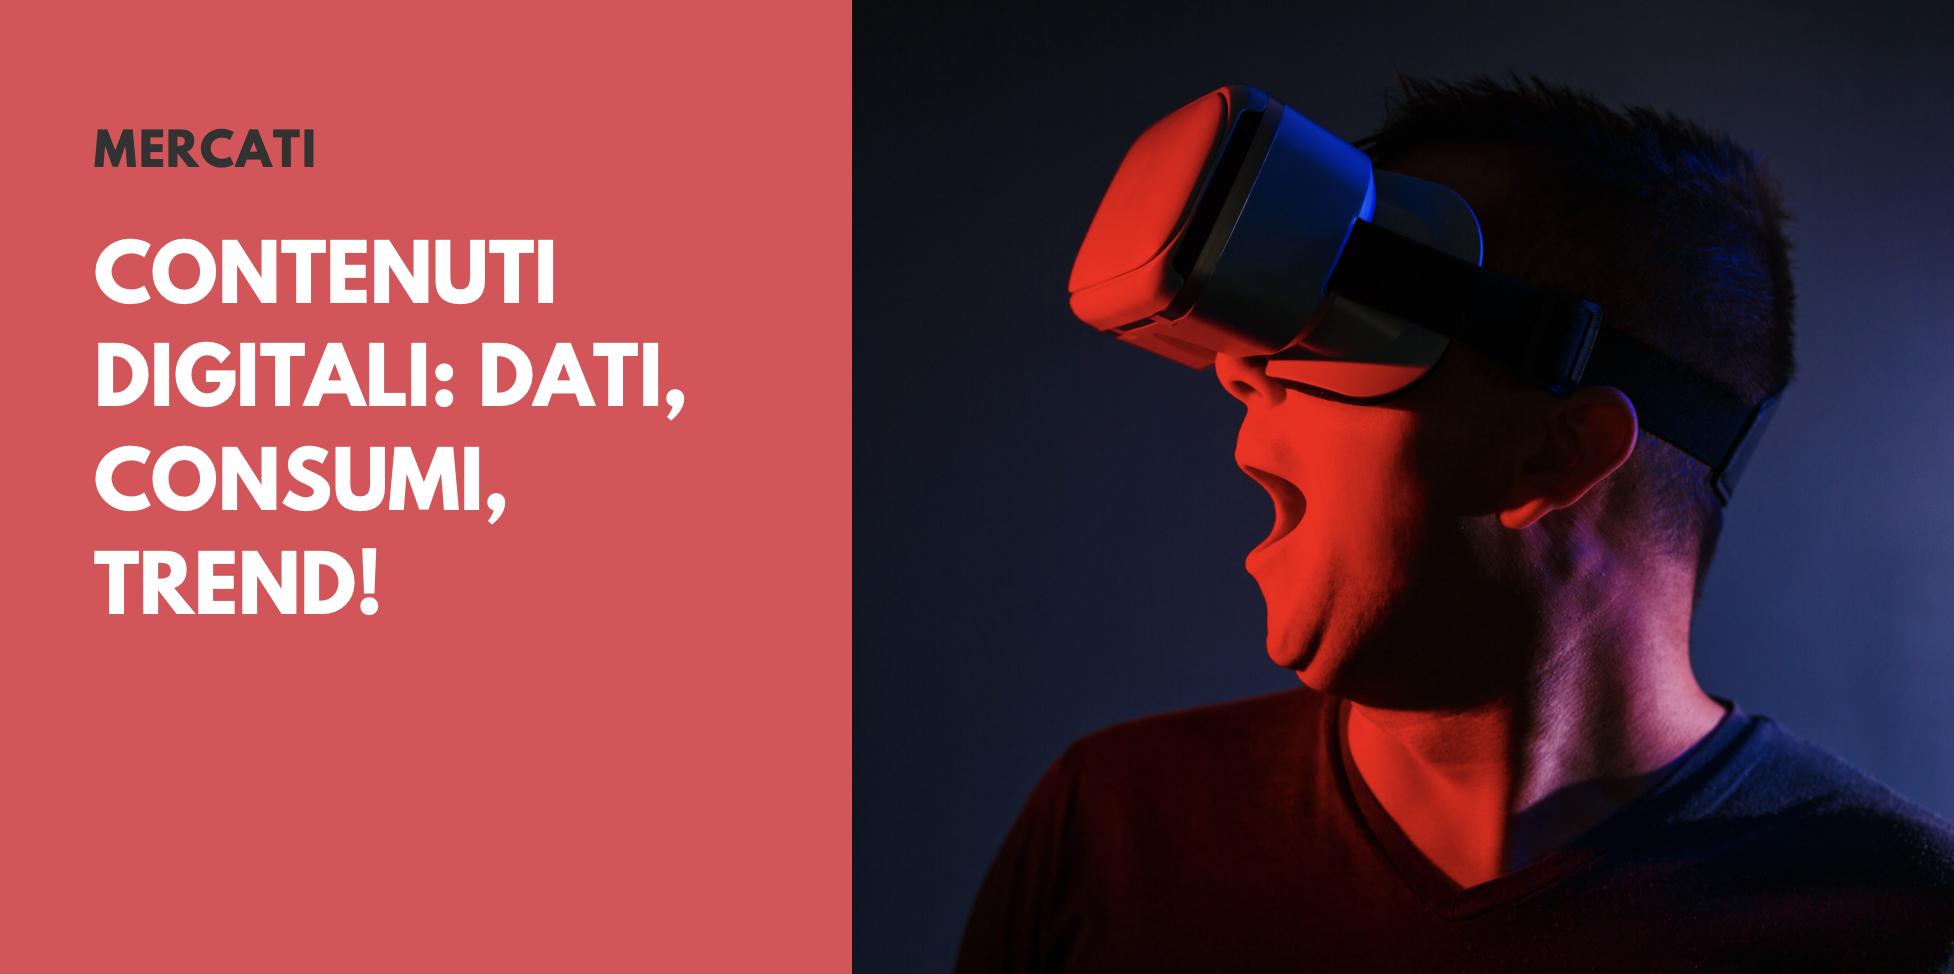 Mercato dei Contenuti Digitali: dati, consumi, trend!